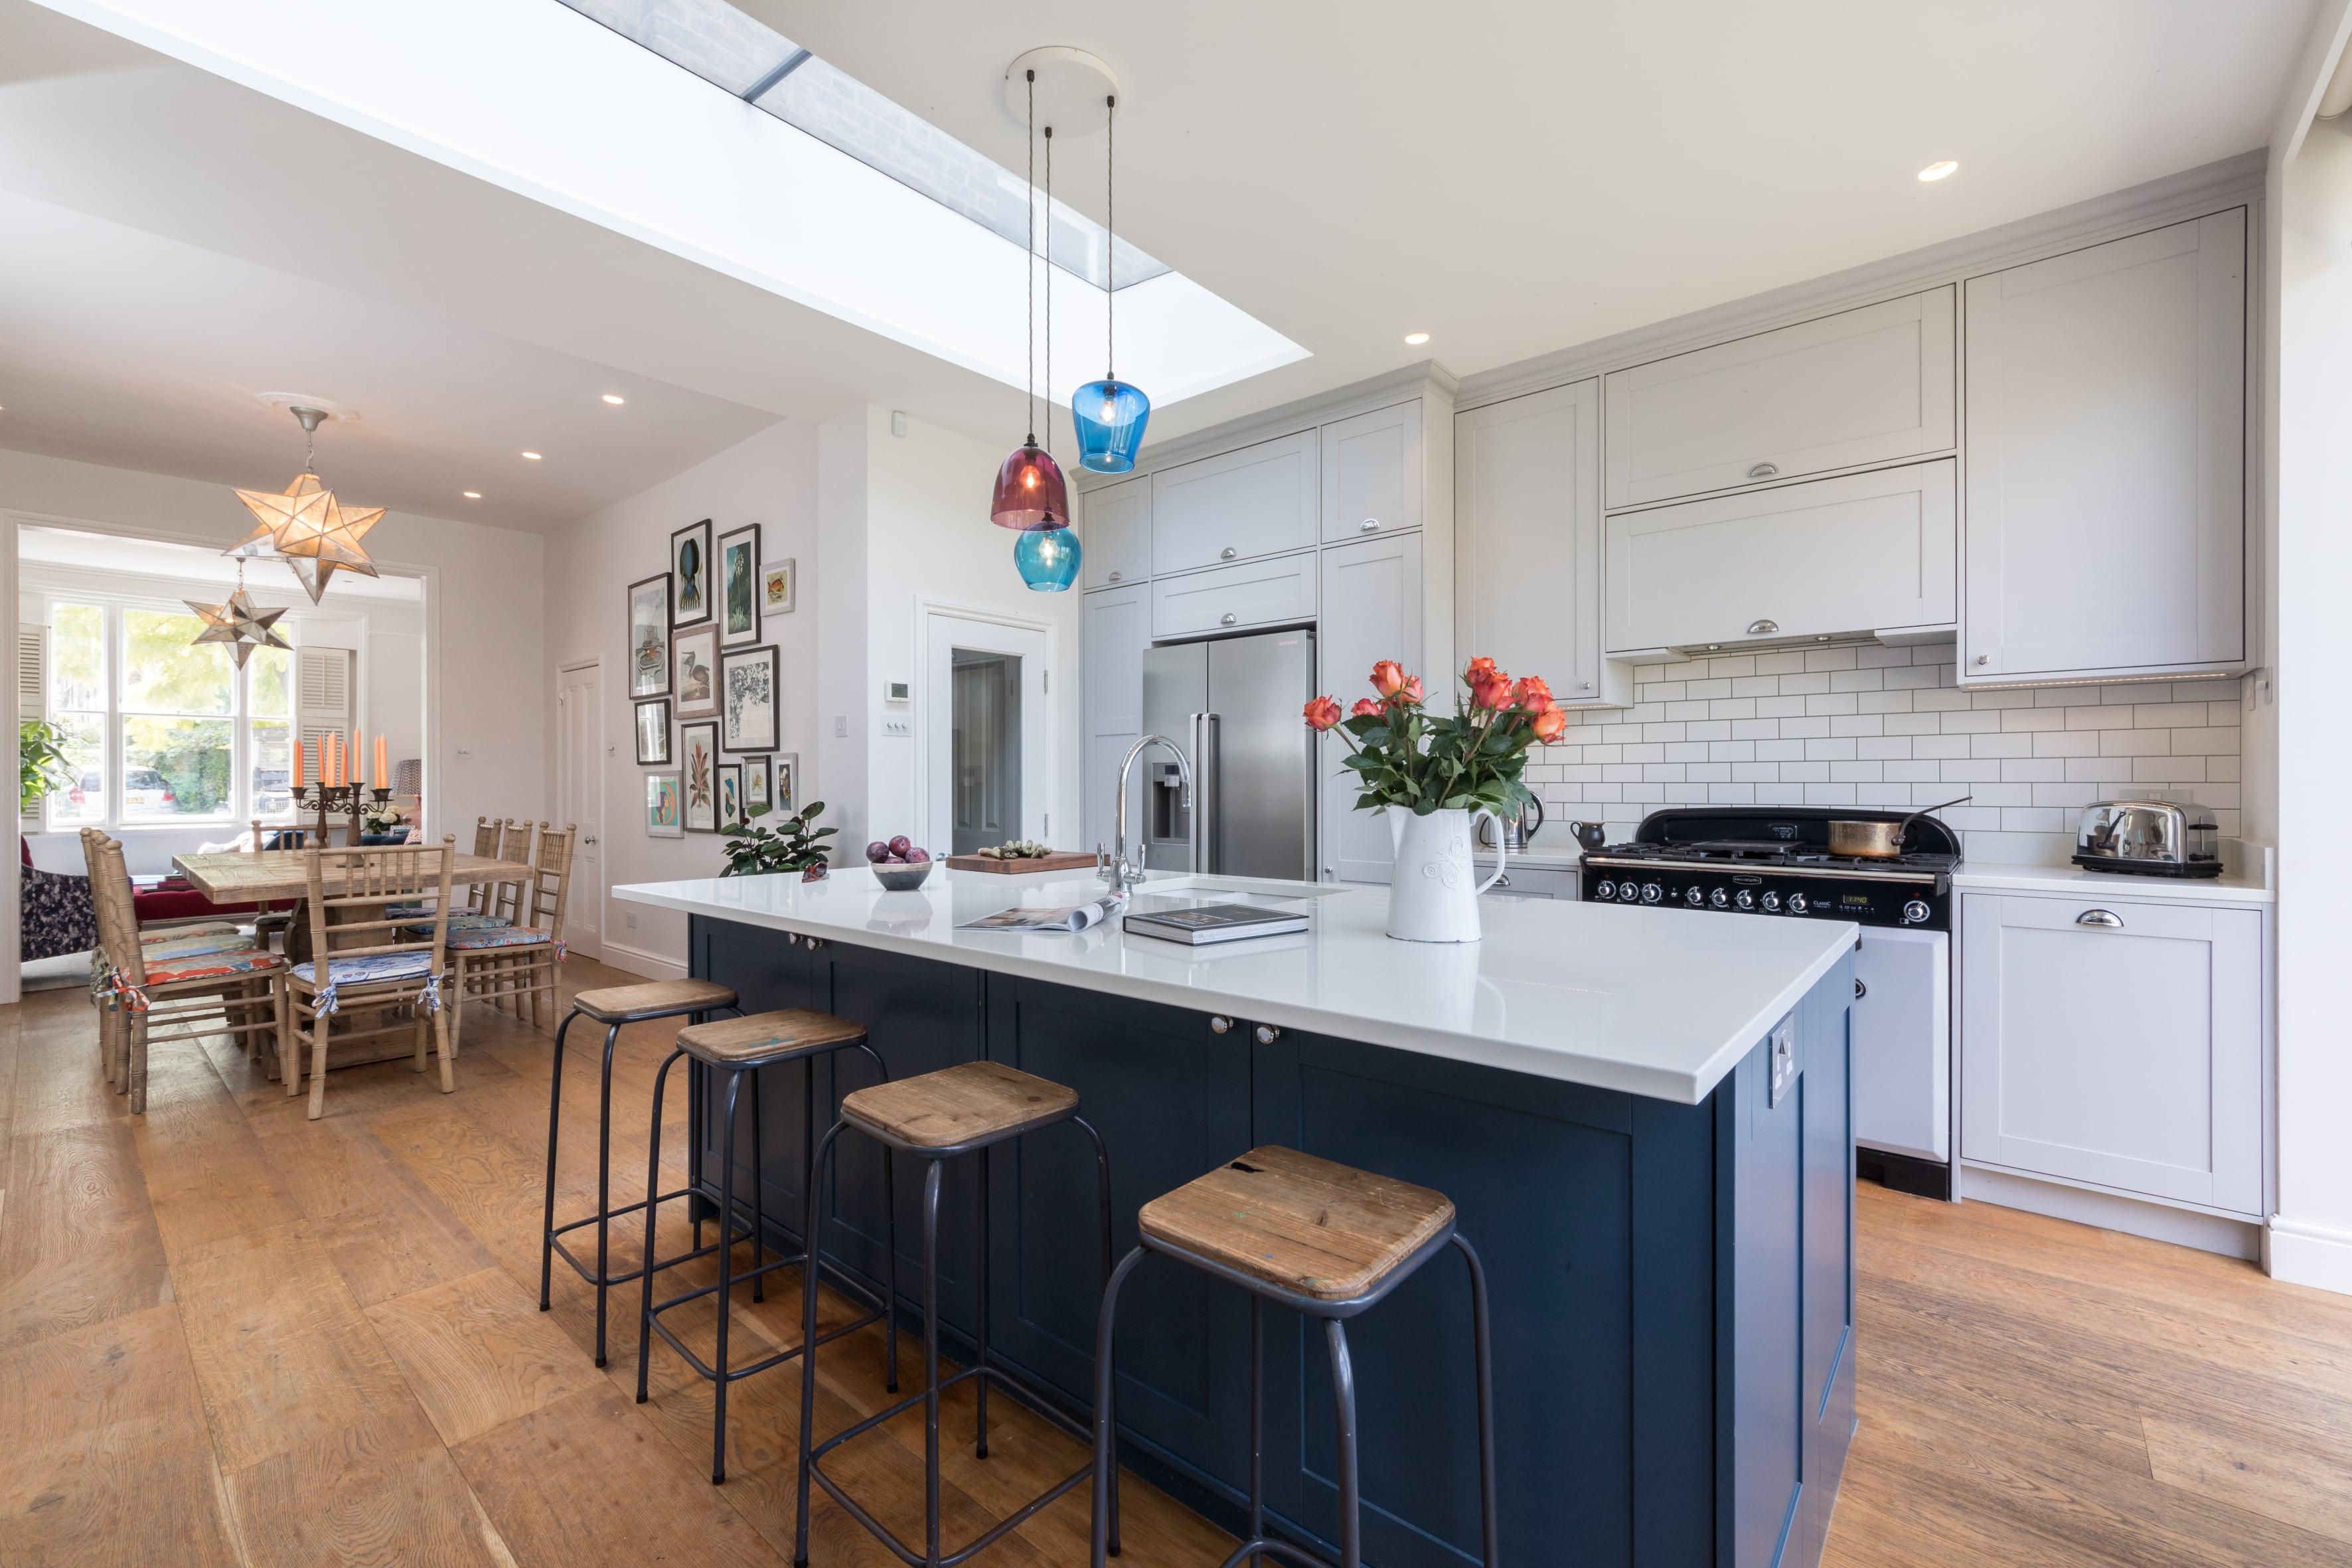 Richmond kitchen design with blue island